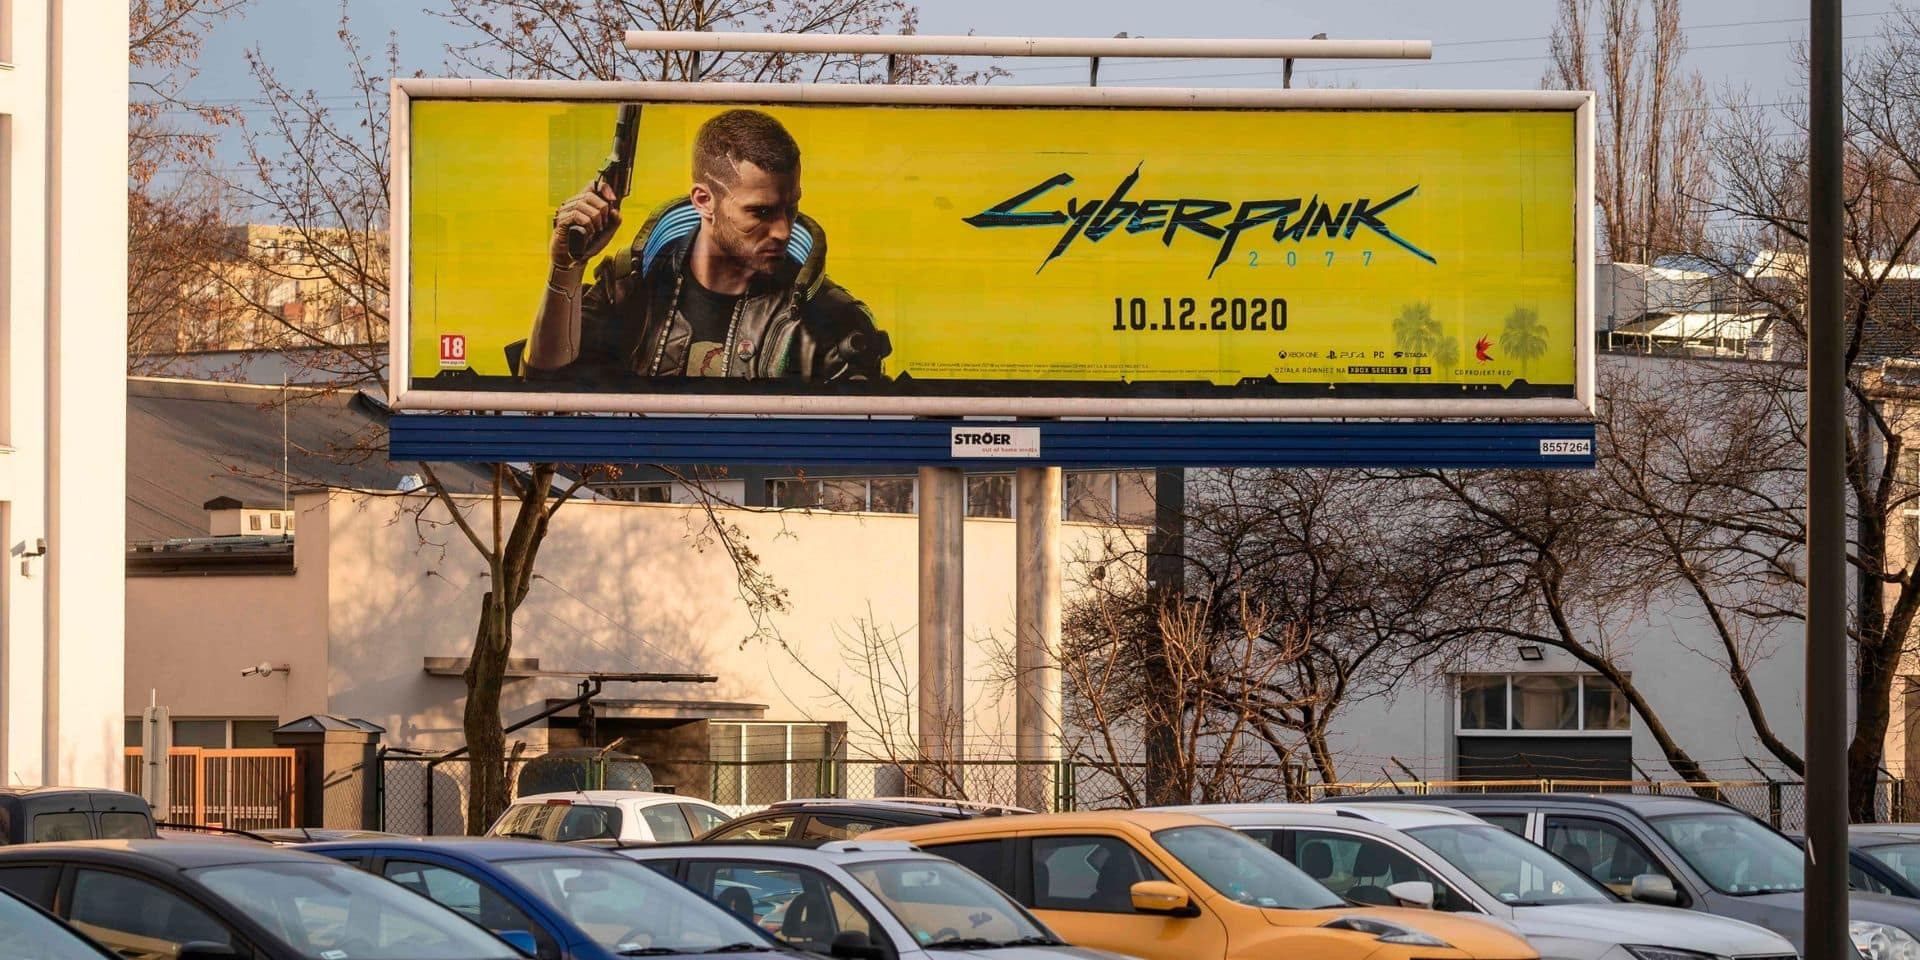 Sony retire le jeu vidéo Cyberpunk 2077 du PlayStation Store après des bugs